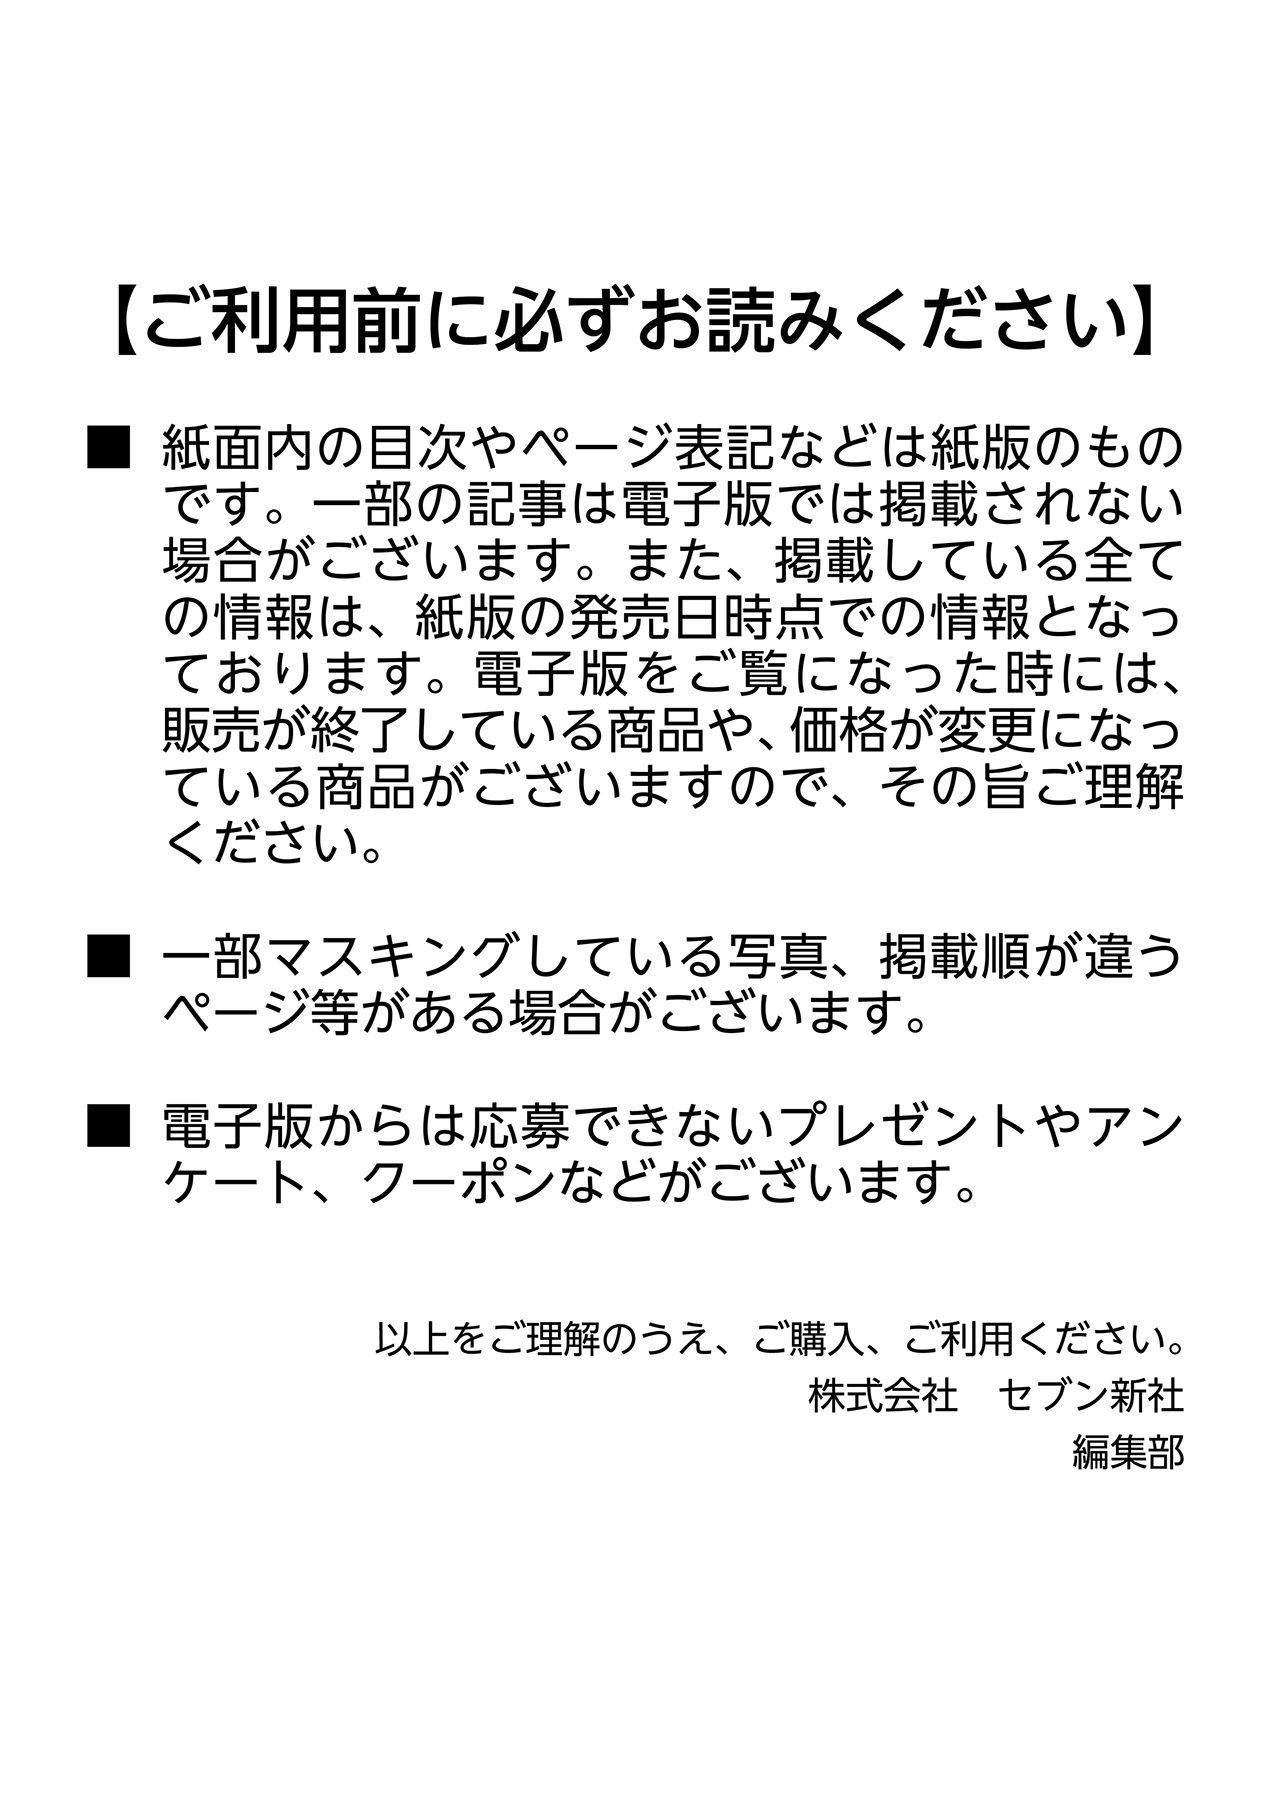 アナル性感開発・お尻エッチ 完全マニュアル 1